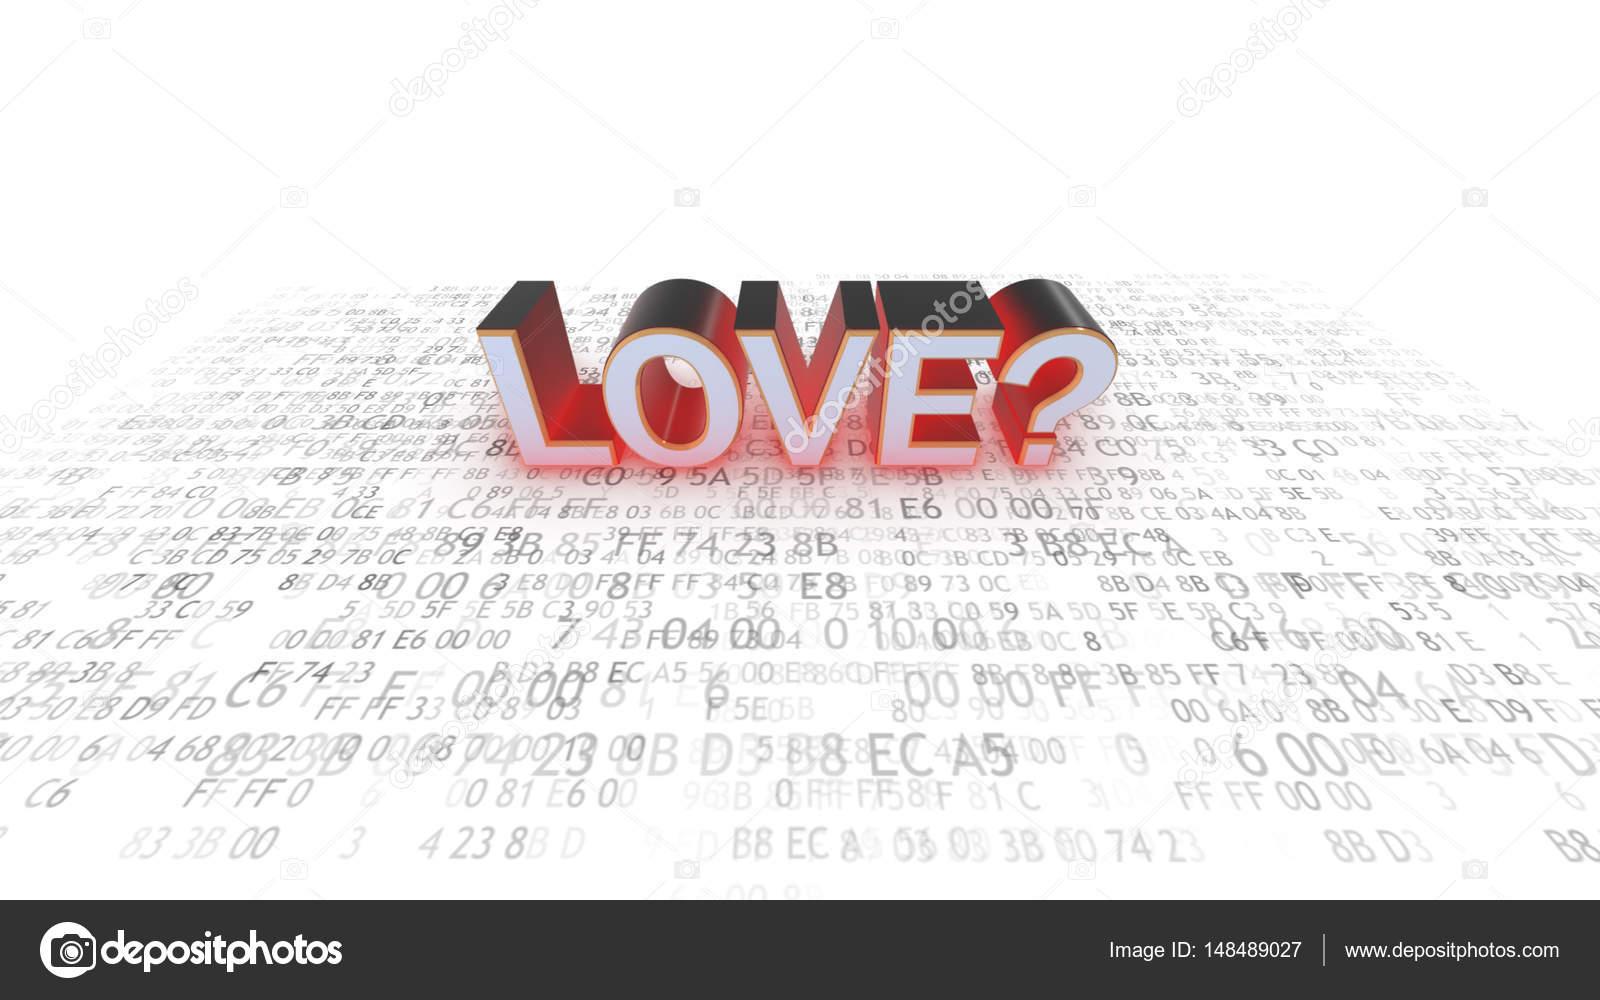 Интернетные знакомства, вирсуальная любовь приложения вконтакте знакомства